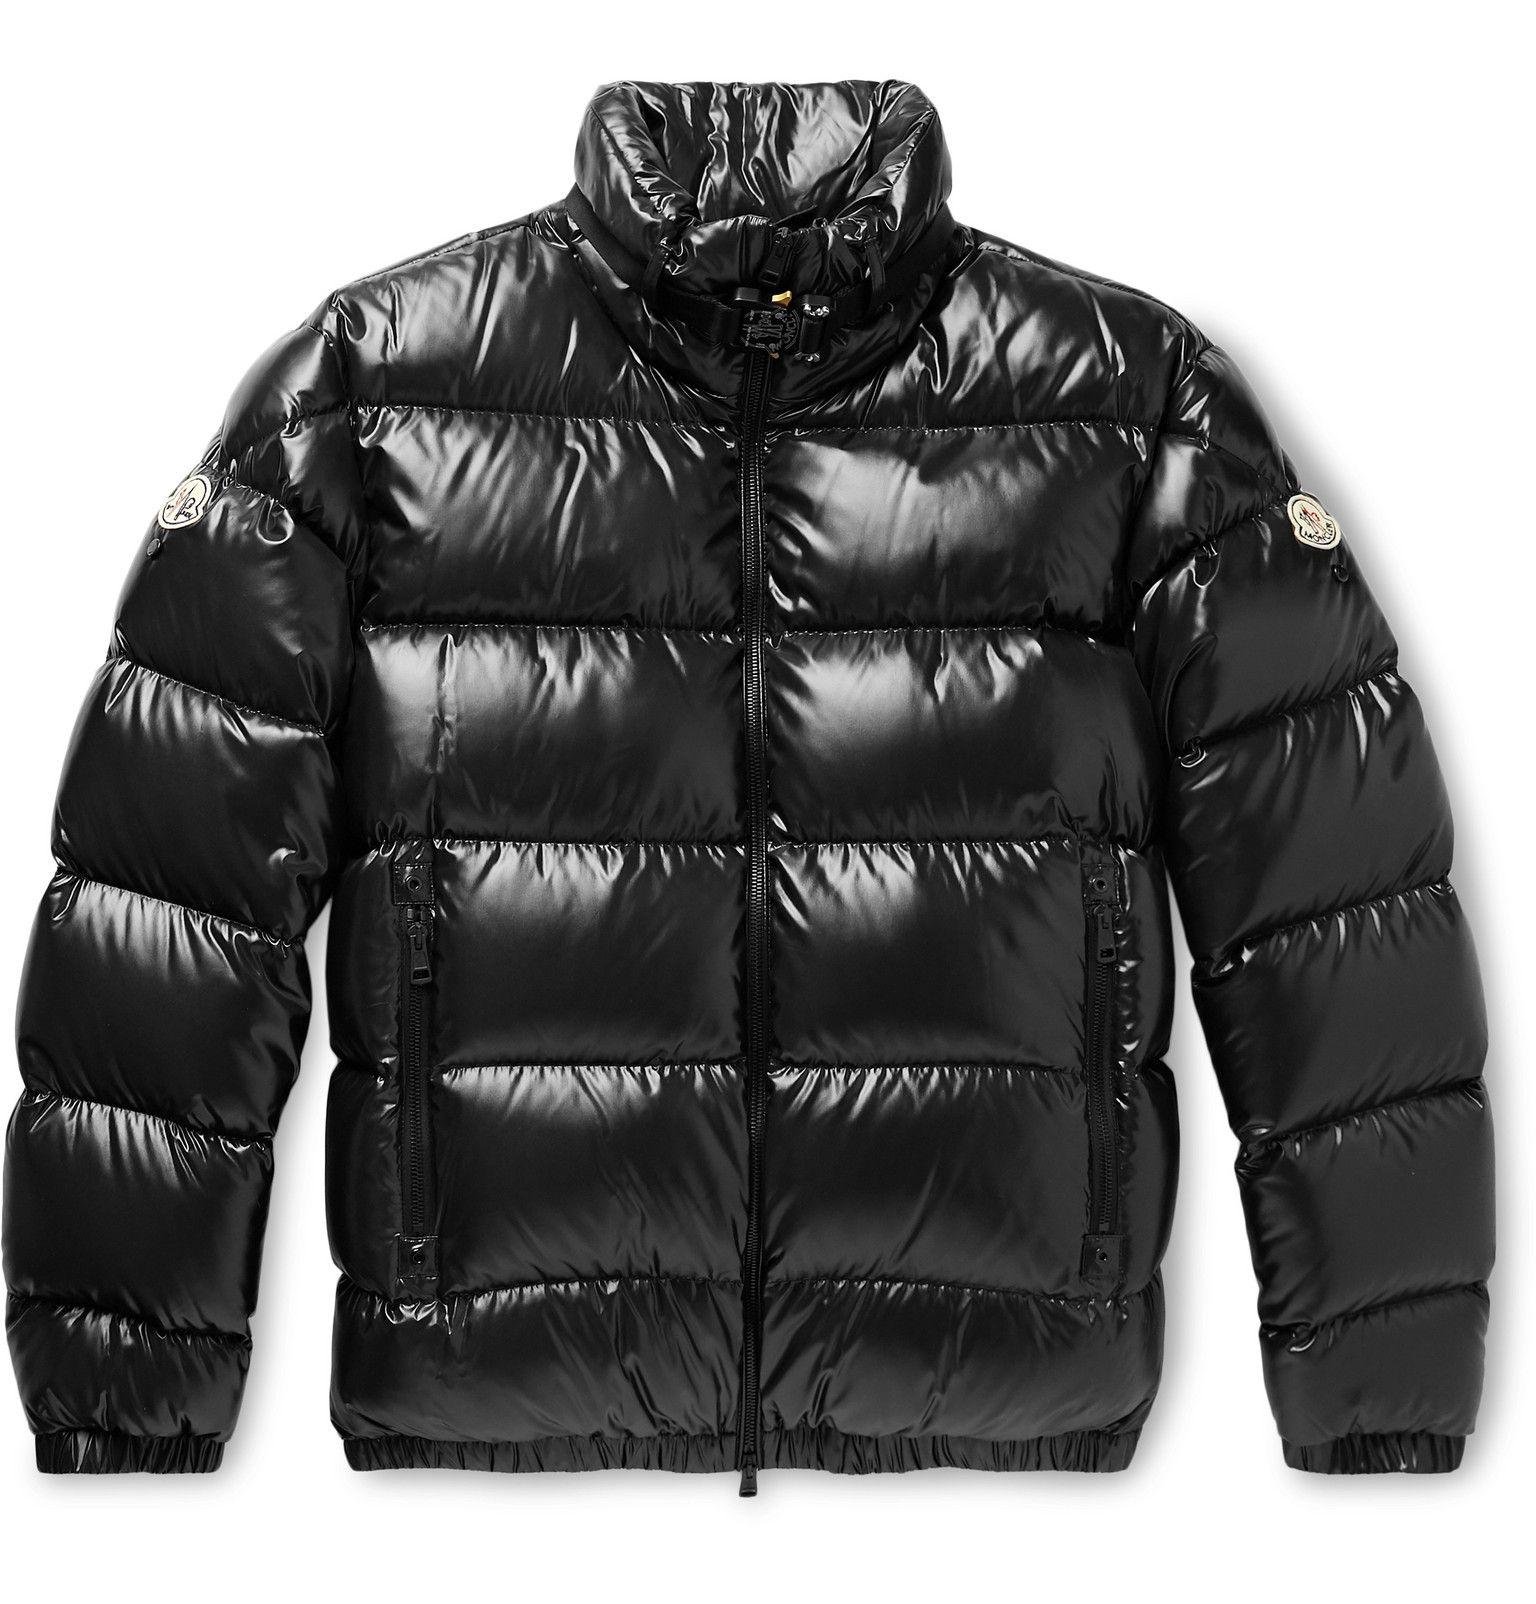 Moncler White & Black Down Nil Jacket SSENSE (With